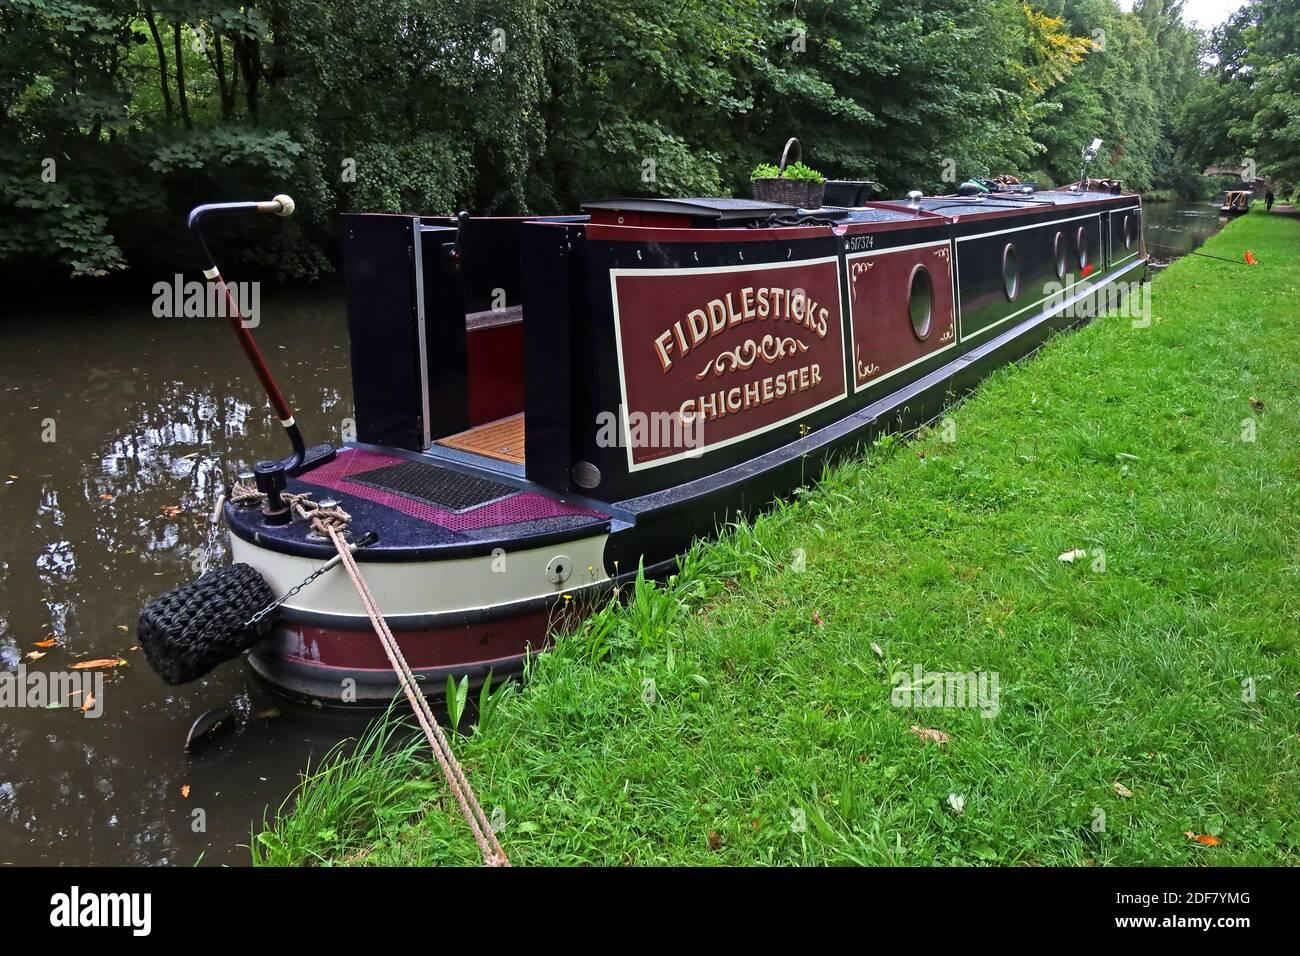 Dieses Stockfoto: Bridgewater Canal, Fiddlesticks, Chichester, 517374, Festanlegeboot, Walton Village, Warrington, Cheshire, England, Großbritannien - 2DF7YM